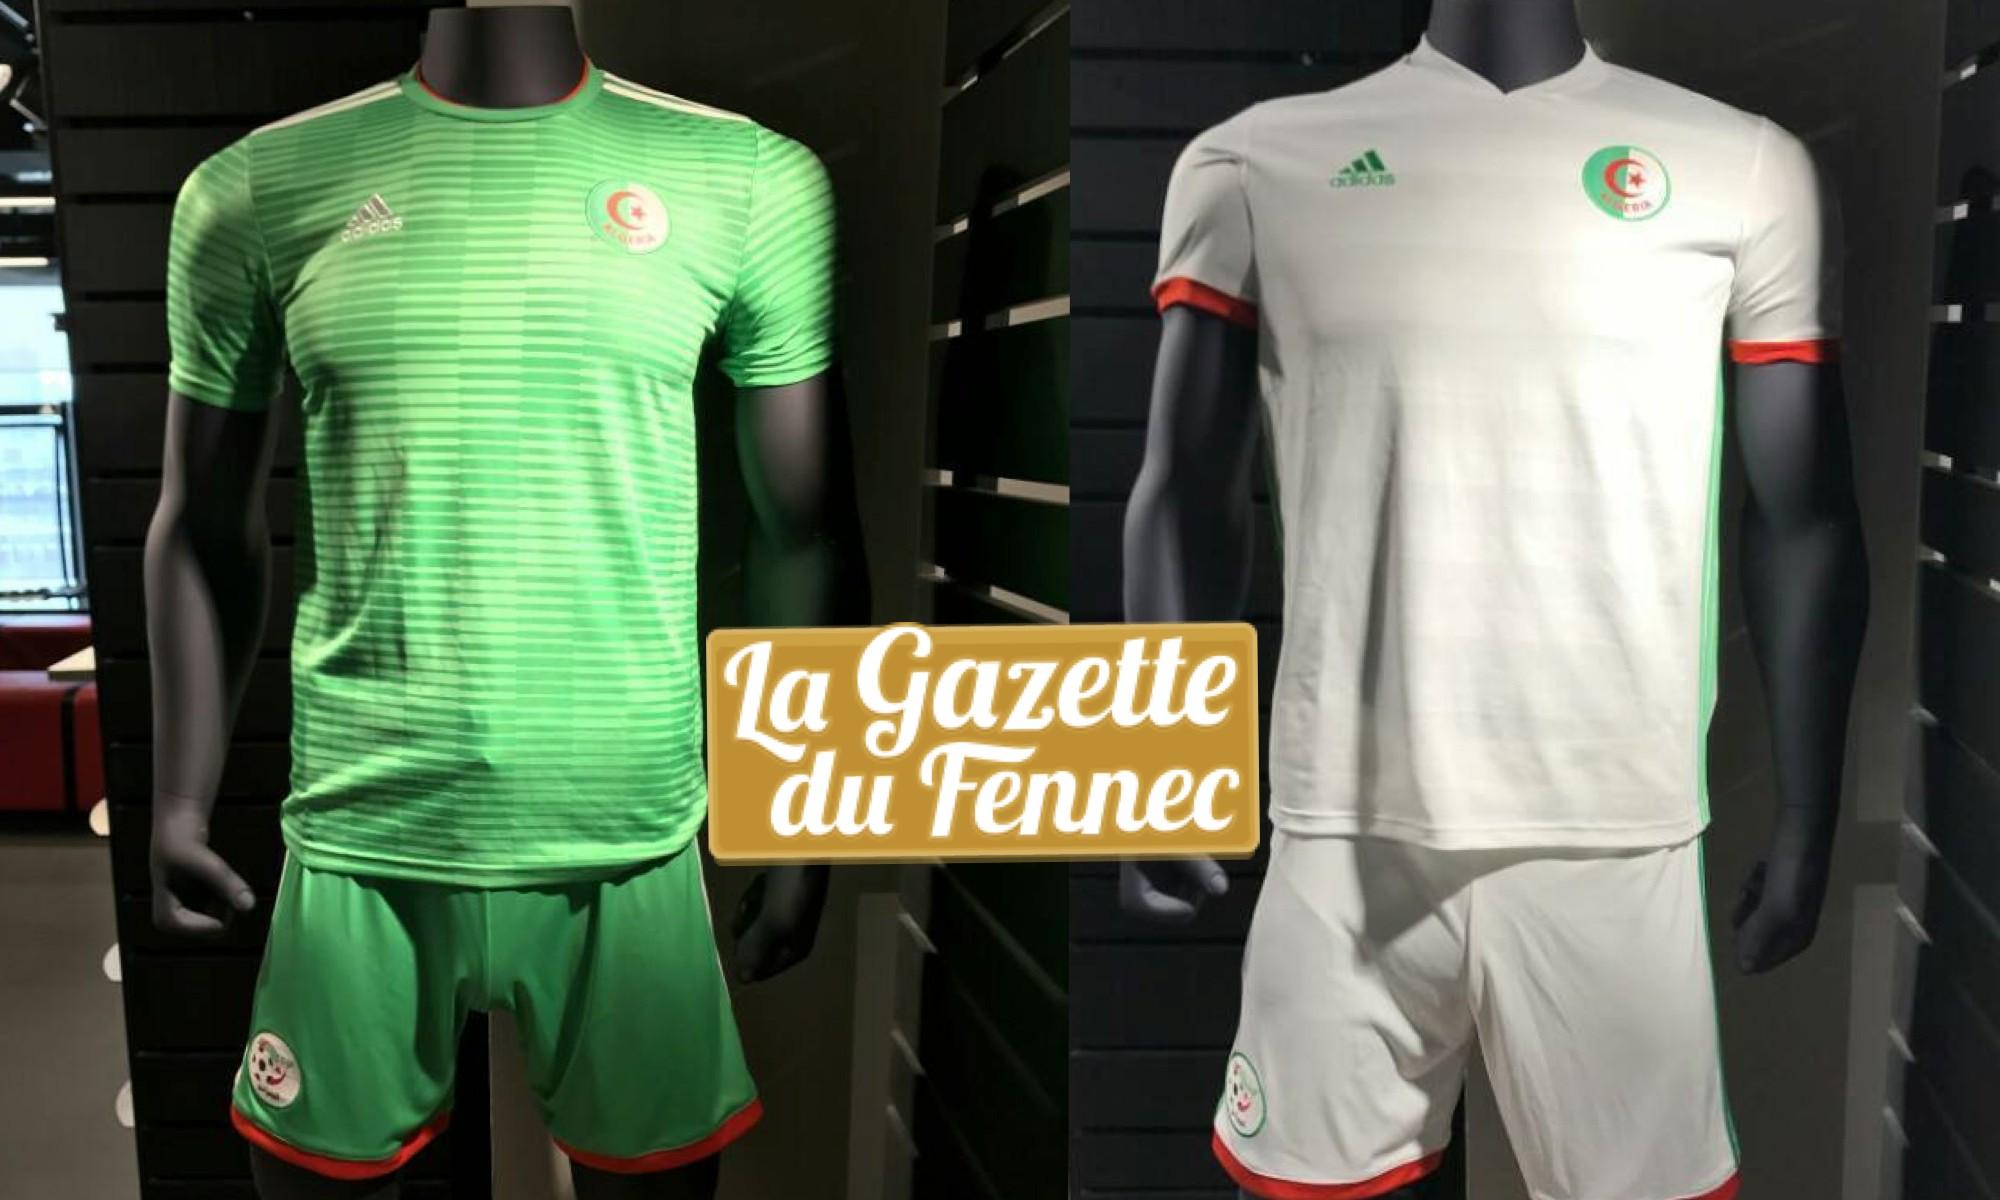 nouveaux maillots Adidas algerie